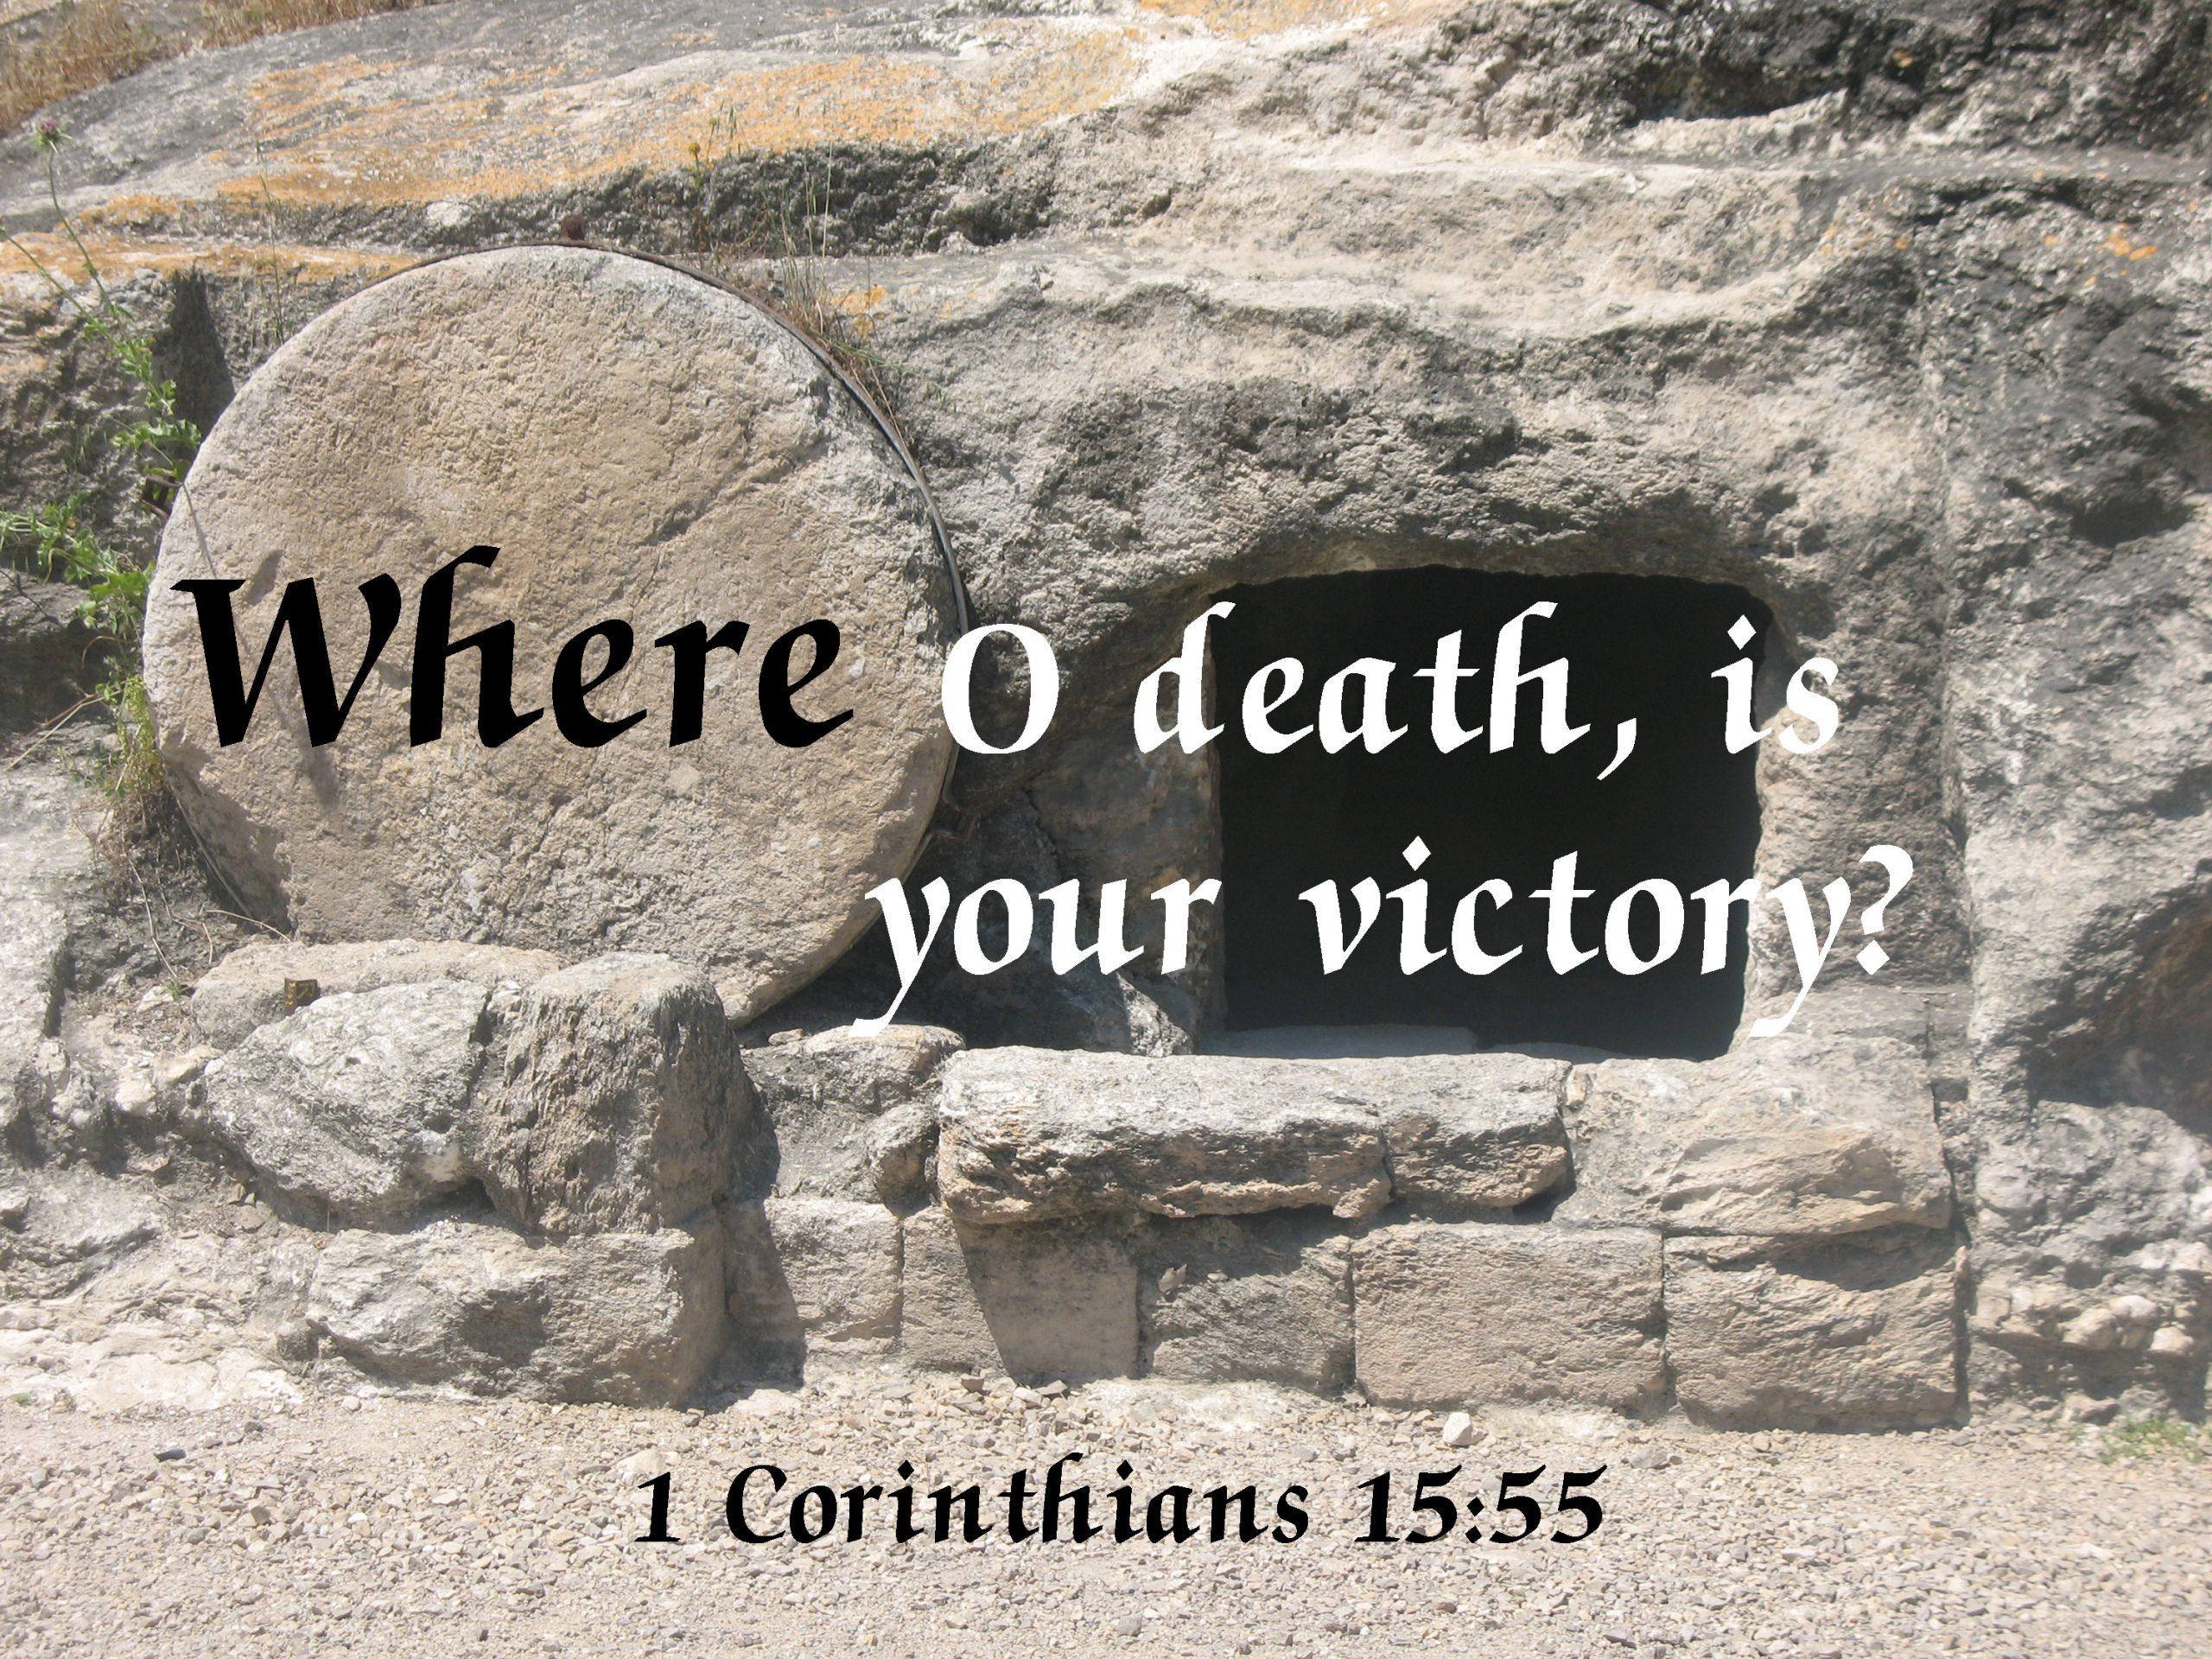 1 Corin. 15:55